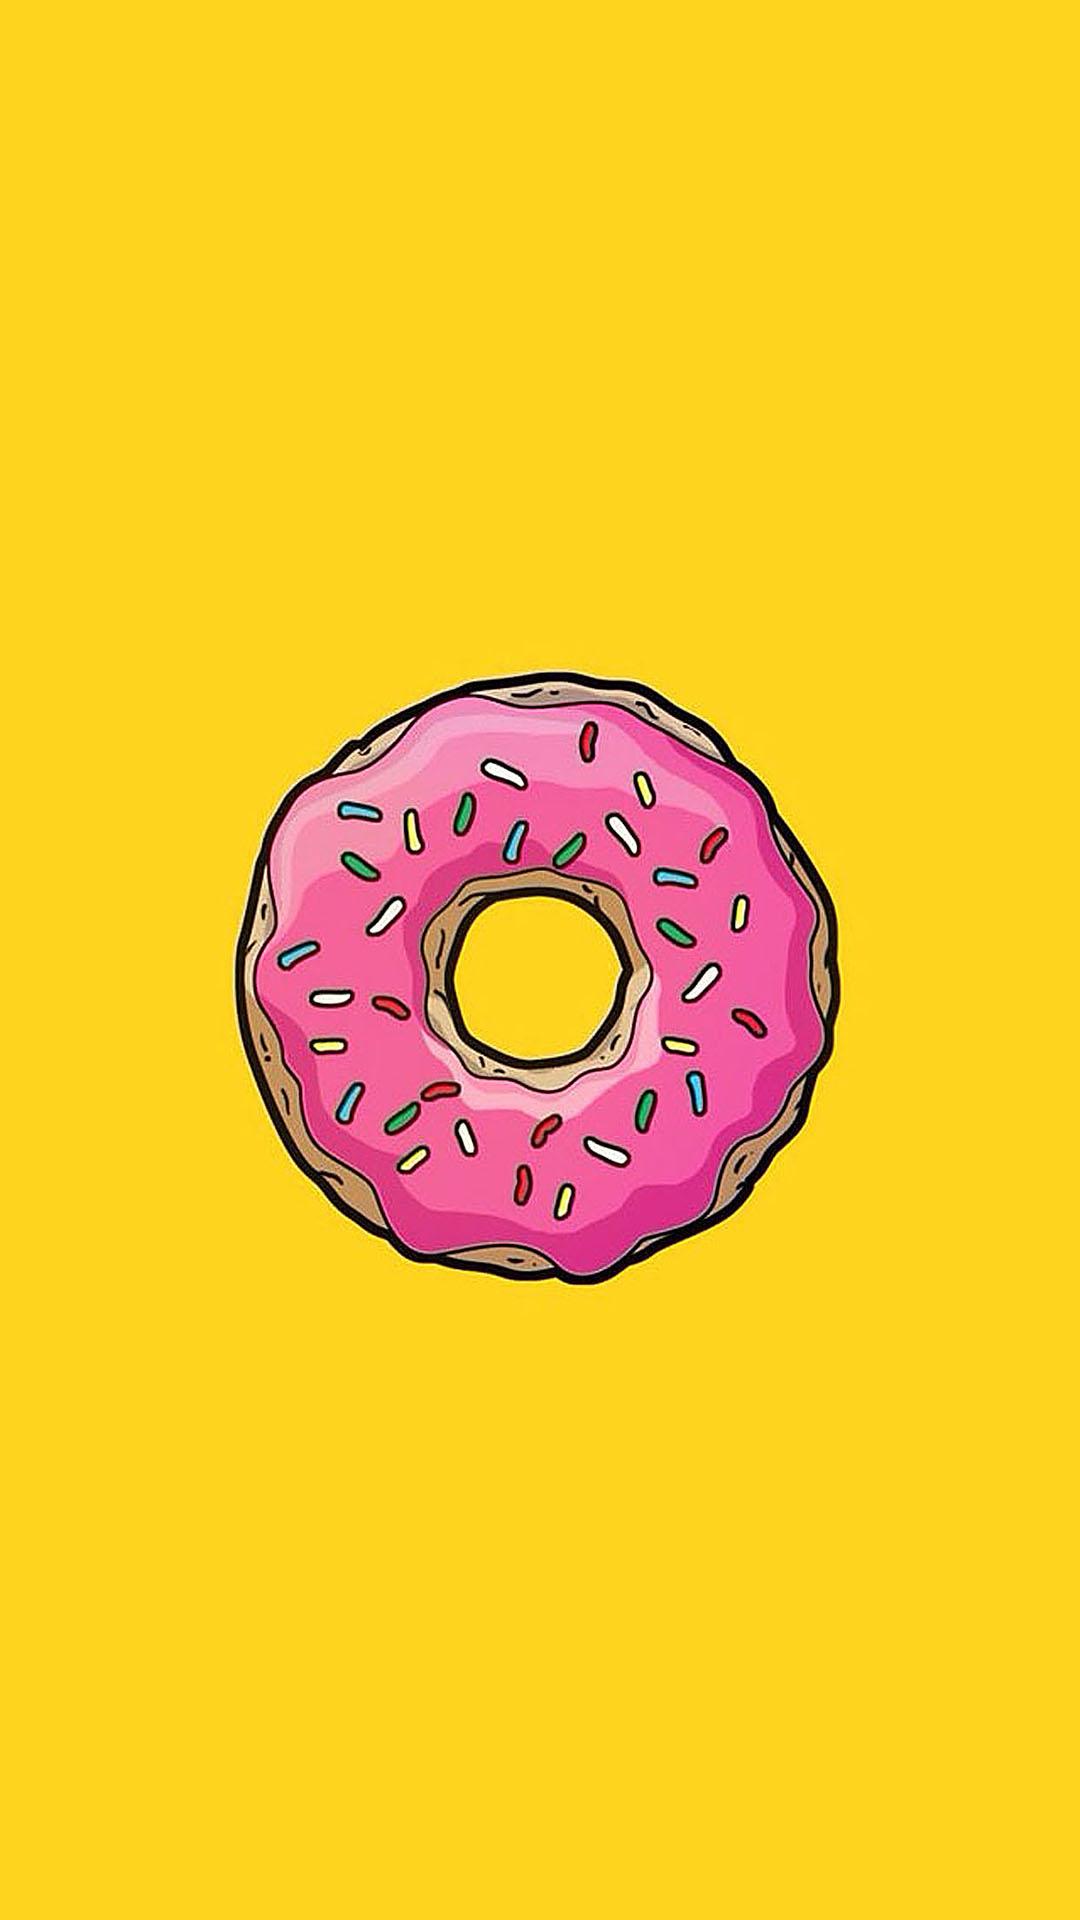 甜甜圈 黄色 粉红 苹果手机高清壁纸 1080x1920_爱思